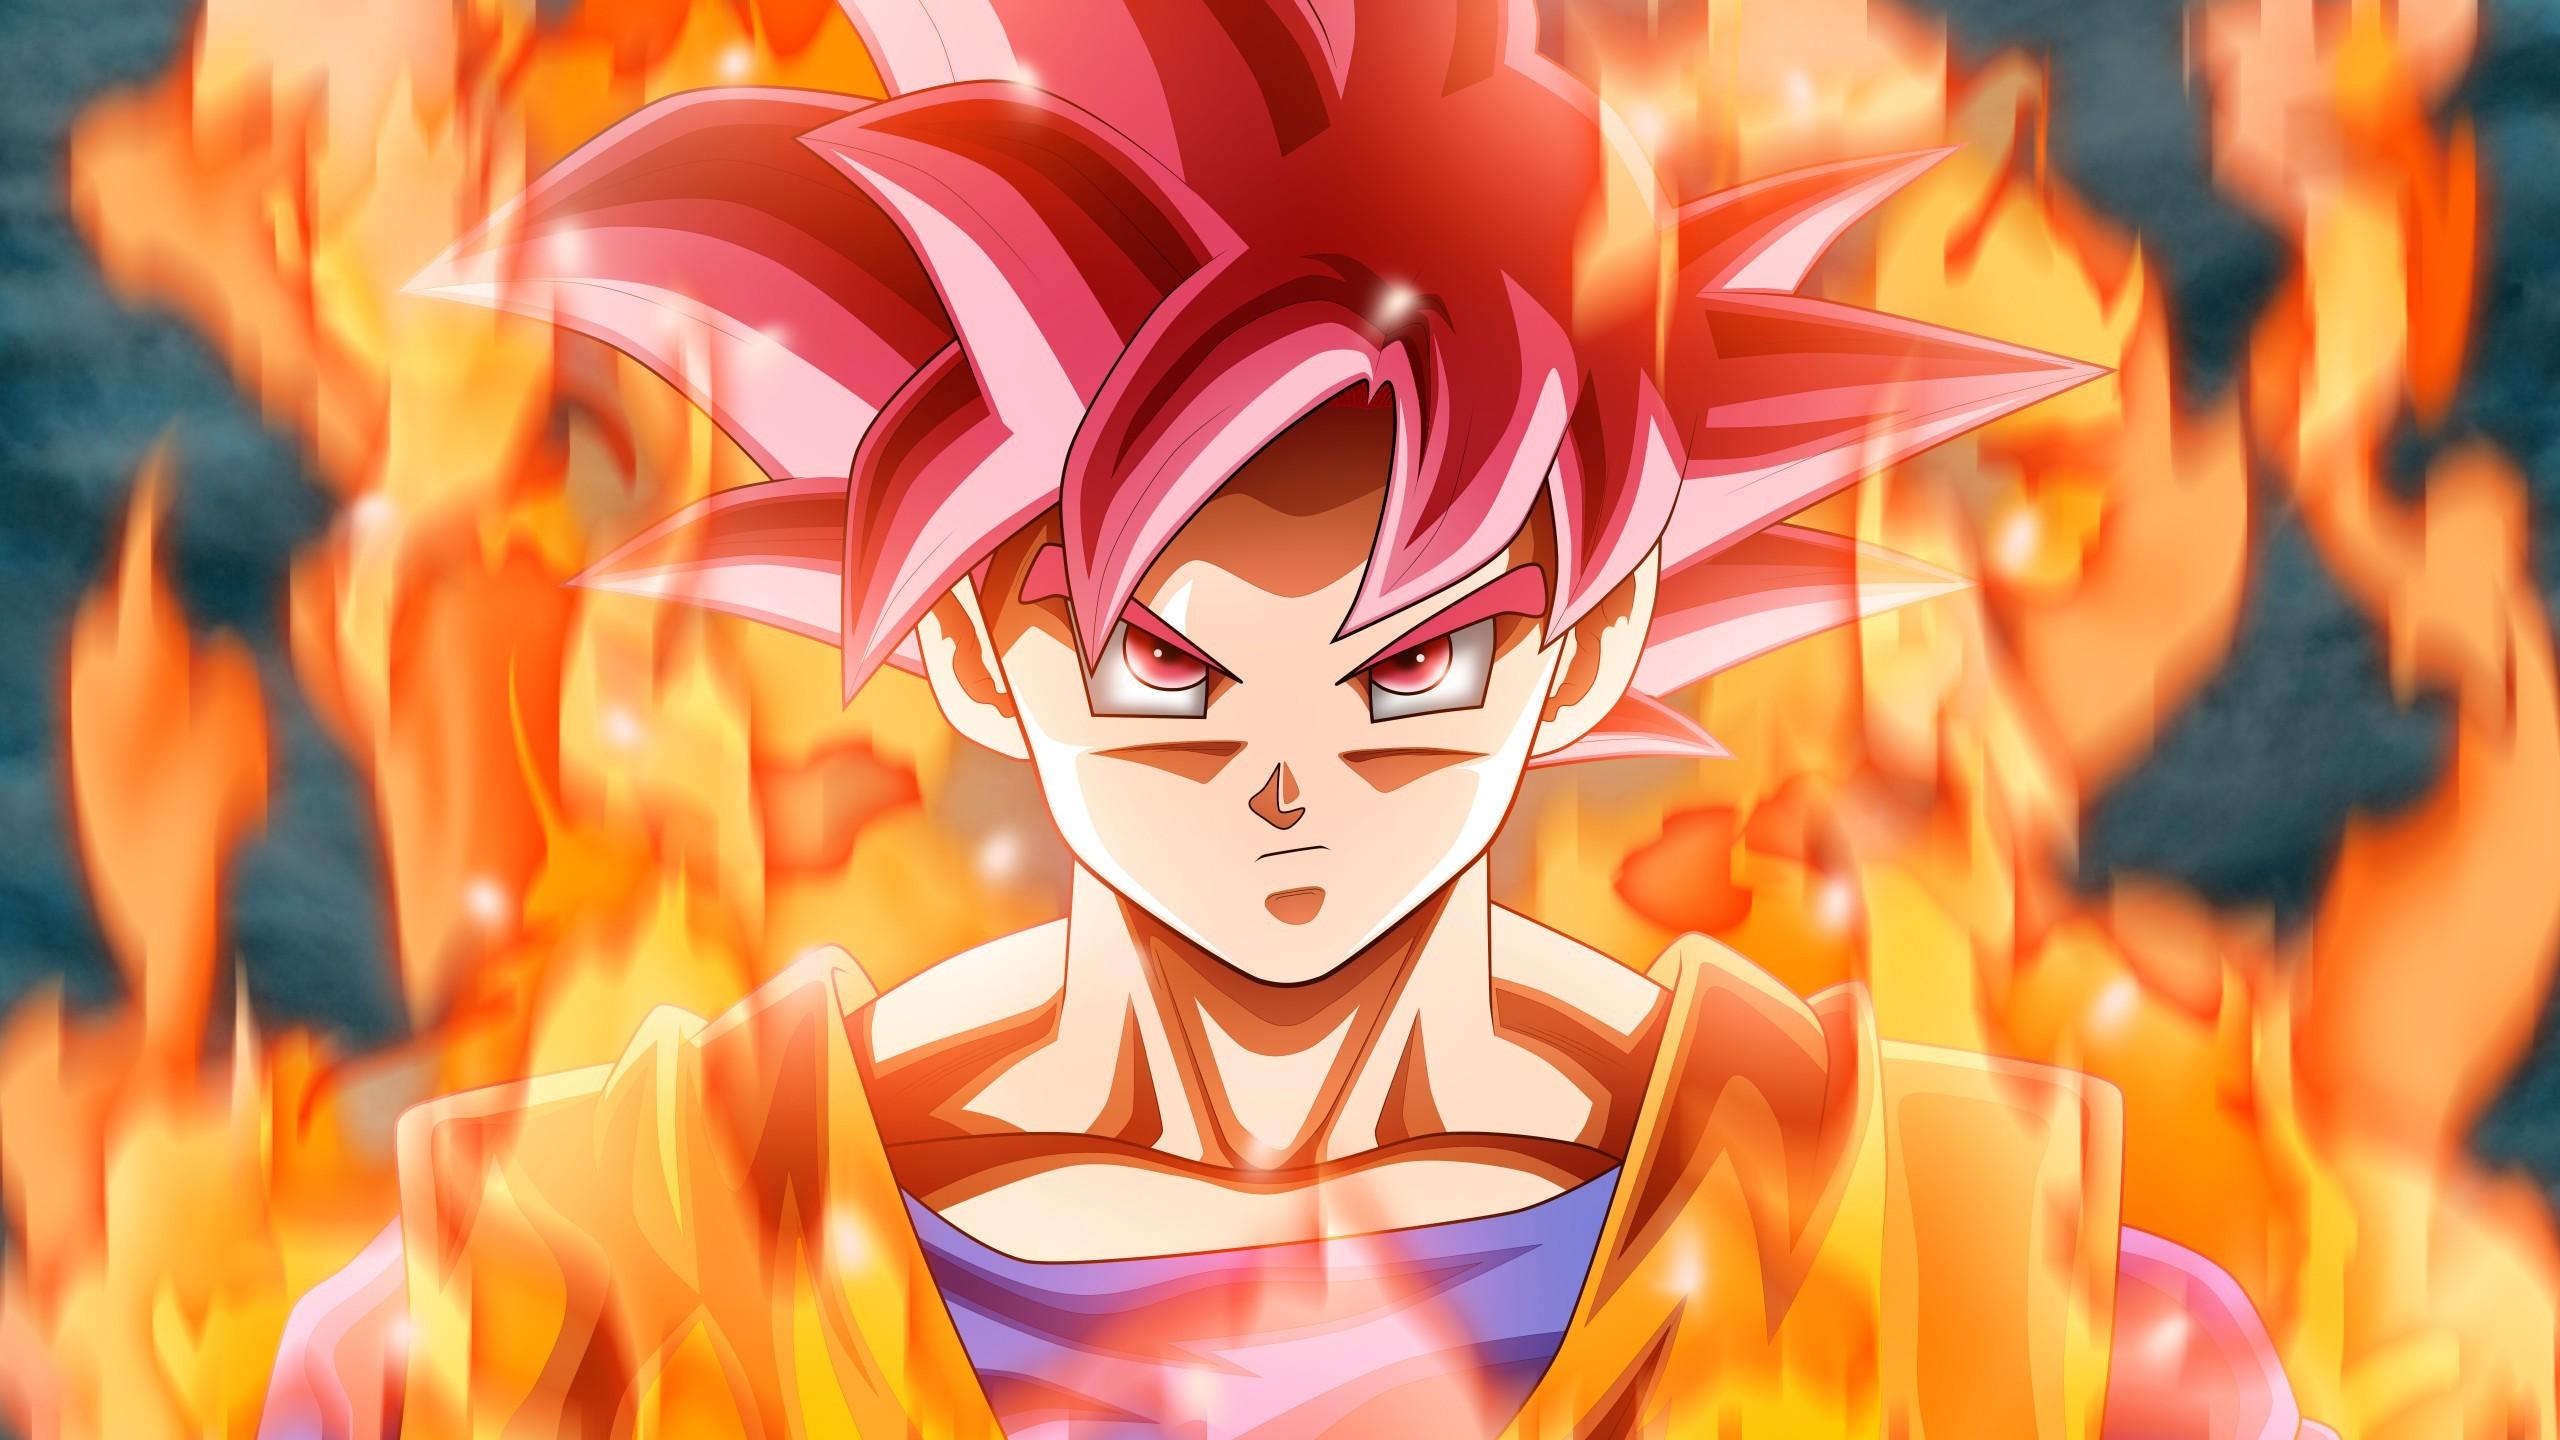 Anime / Goku Wallpaper